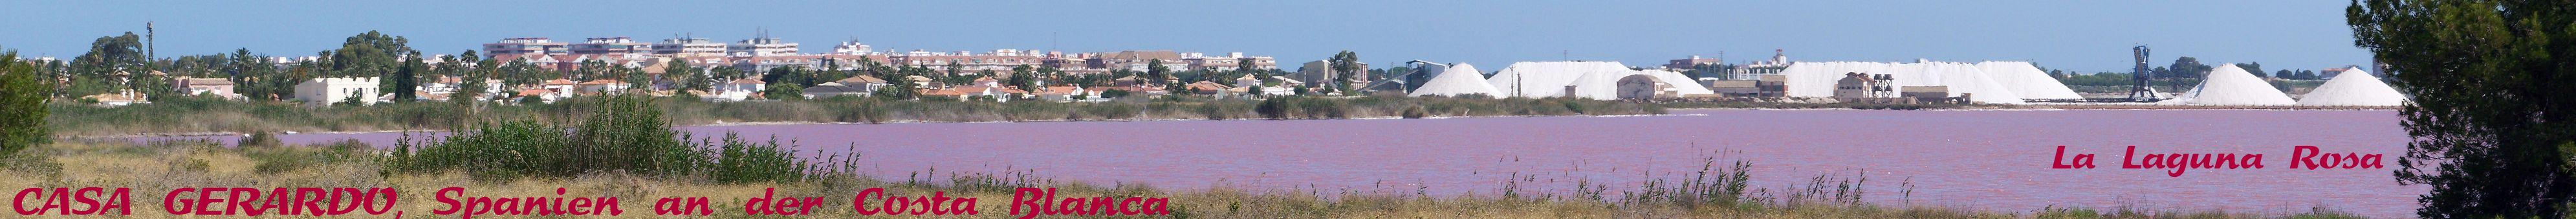 CASA GERARDO bei Torrevieja in Spanien